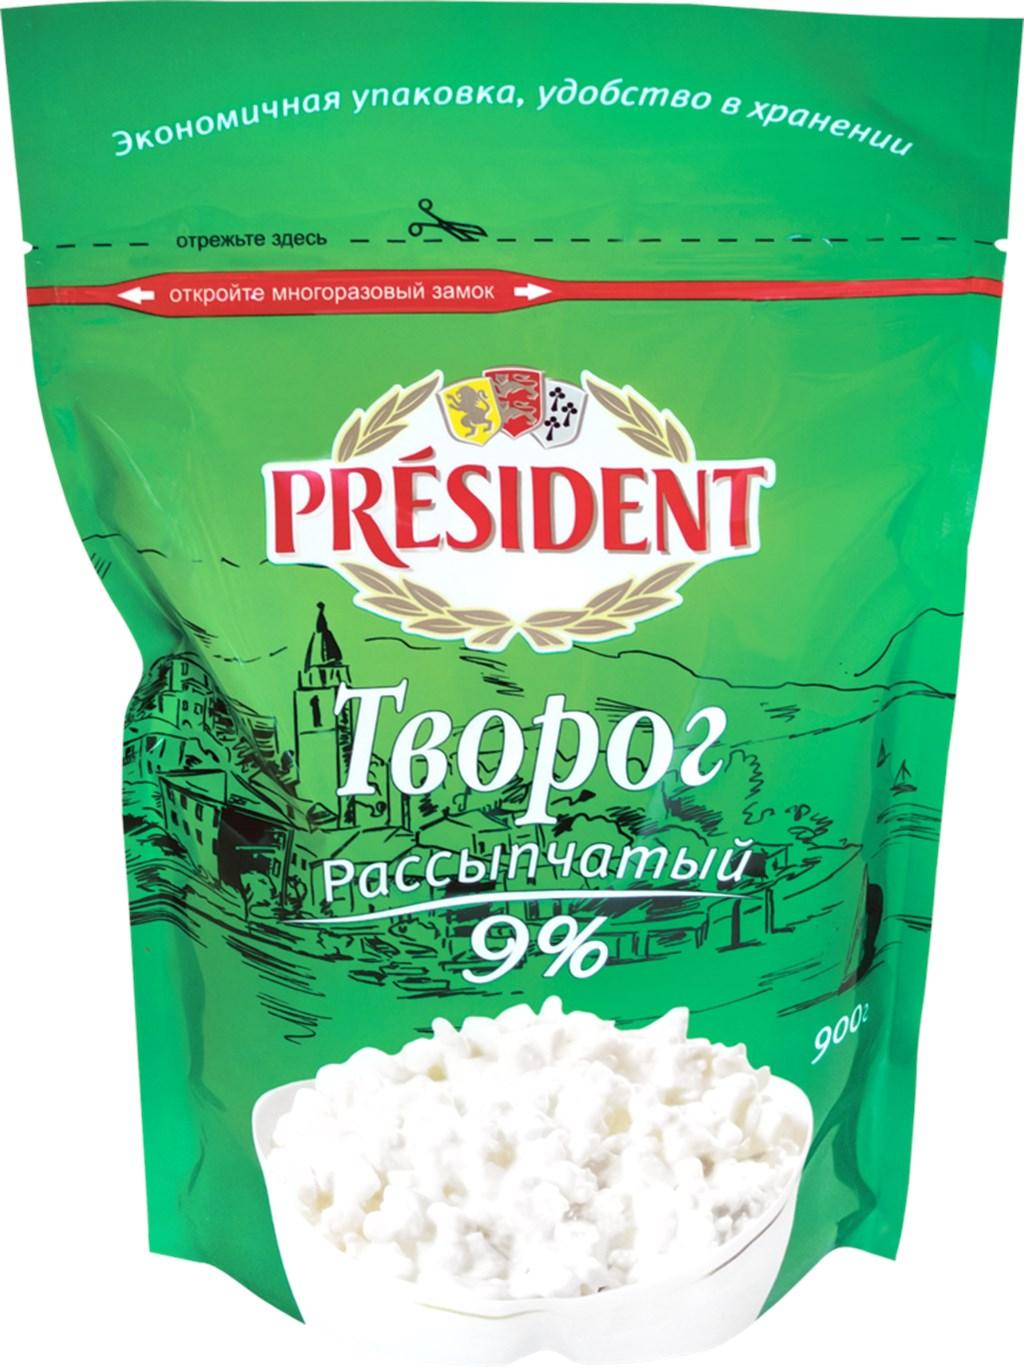 President 9%